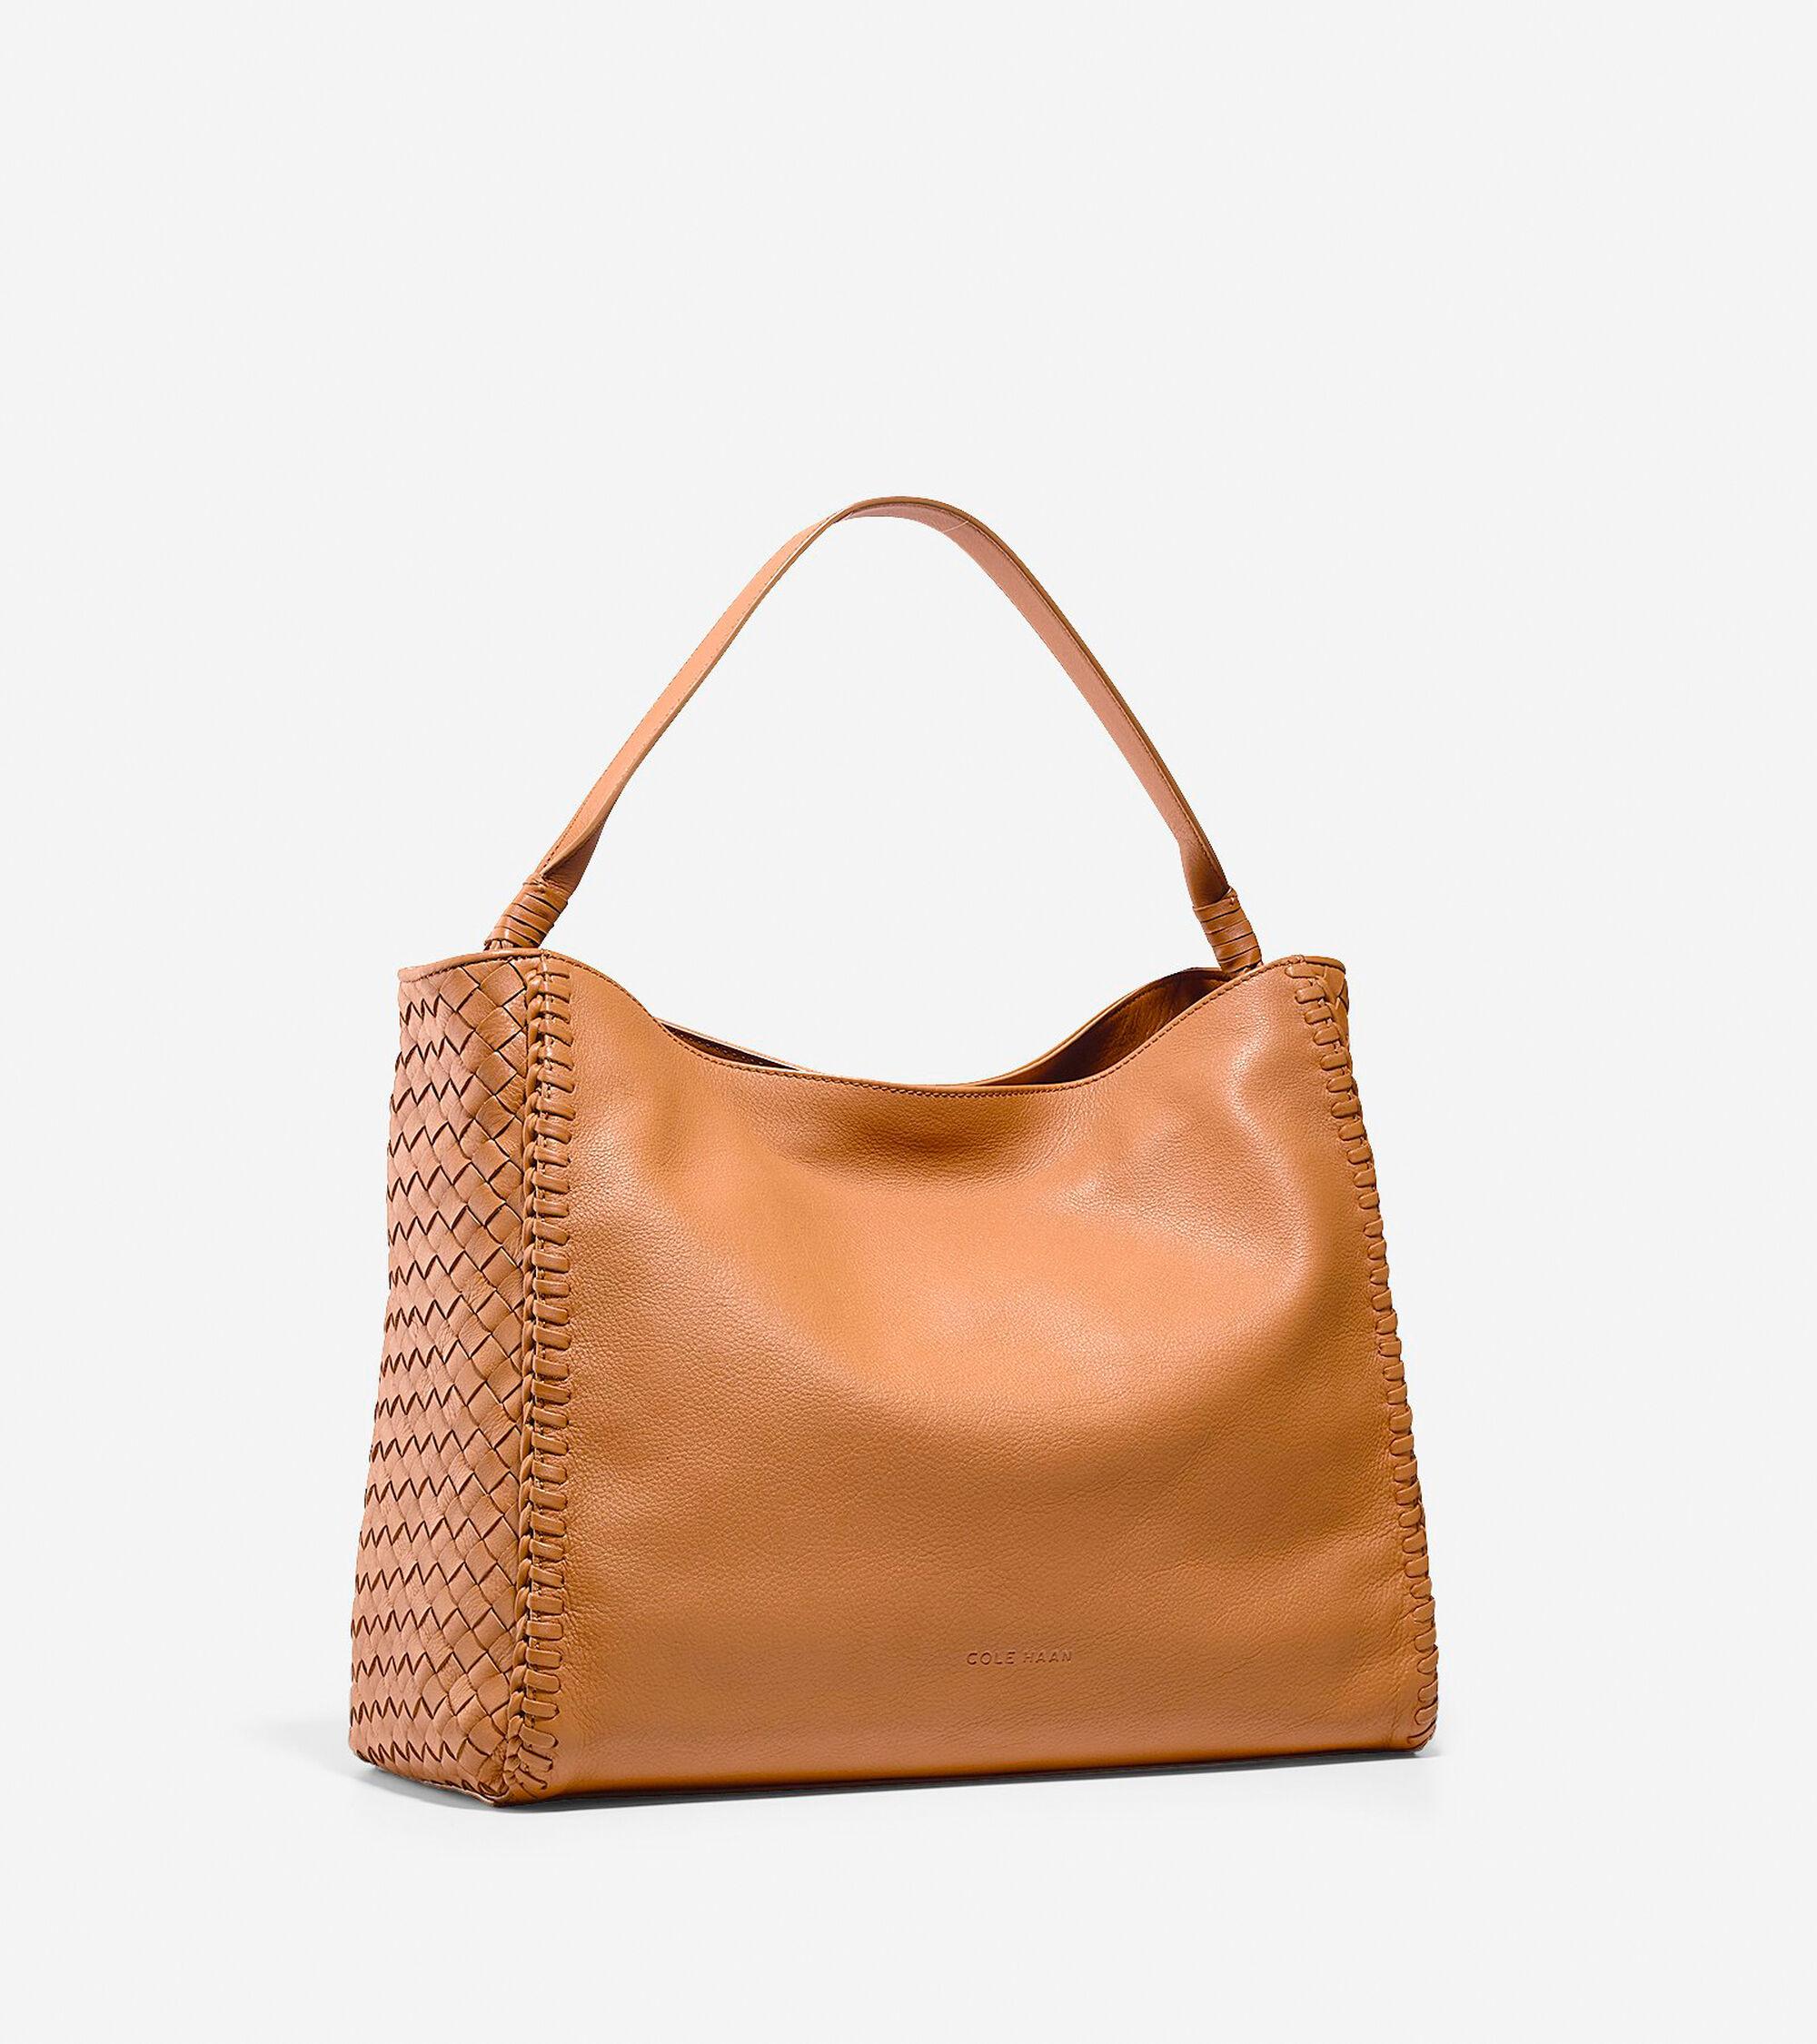 6f9c0f0f387089 Women s GrandPro Hobo in Pecan   Handbags